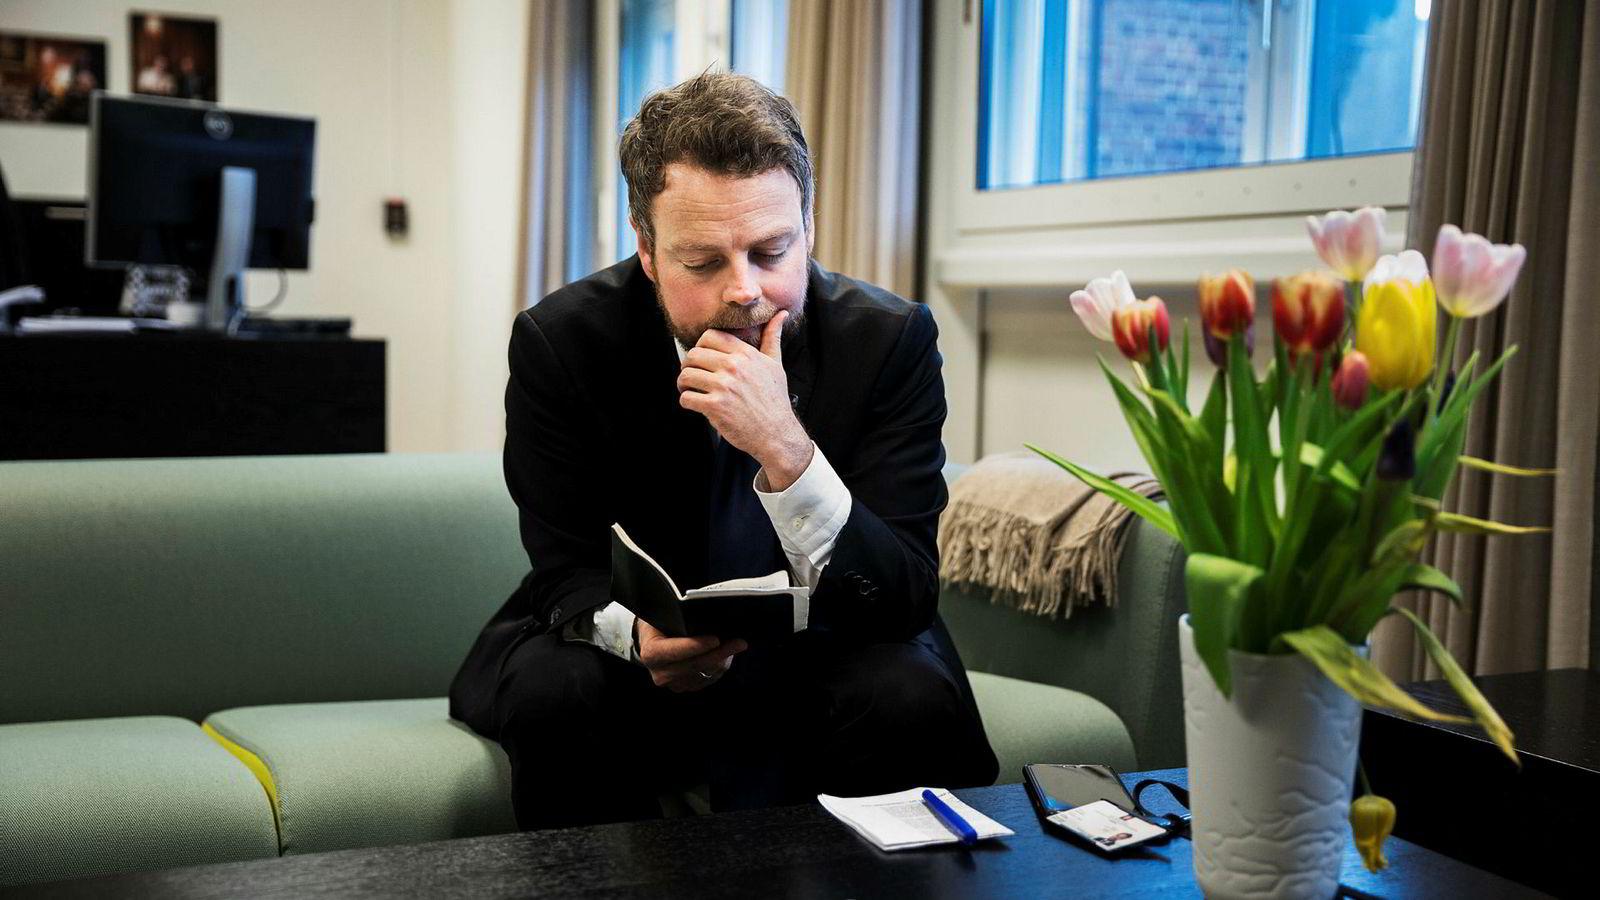 Næringsminister Torbjørn Røe Isaksen følger Hydro tett etter nye utslippsinnrømmelser. – Det er min forventning at selskapet nå gjør alt det kan for å få alle fakta på bordet, sier Isaksen